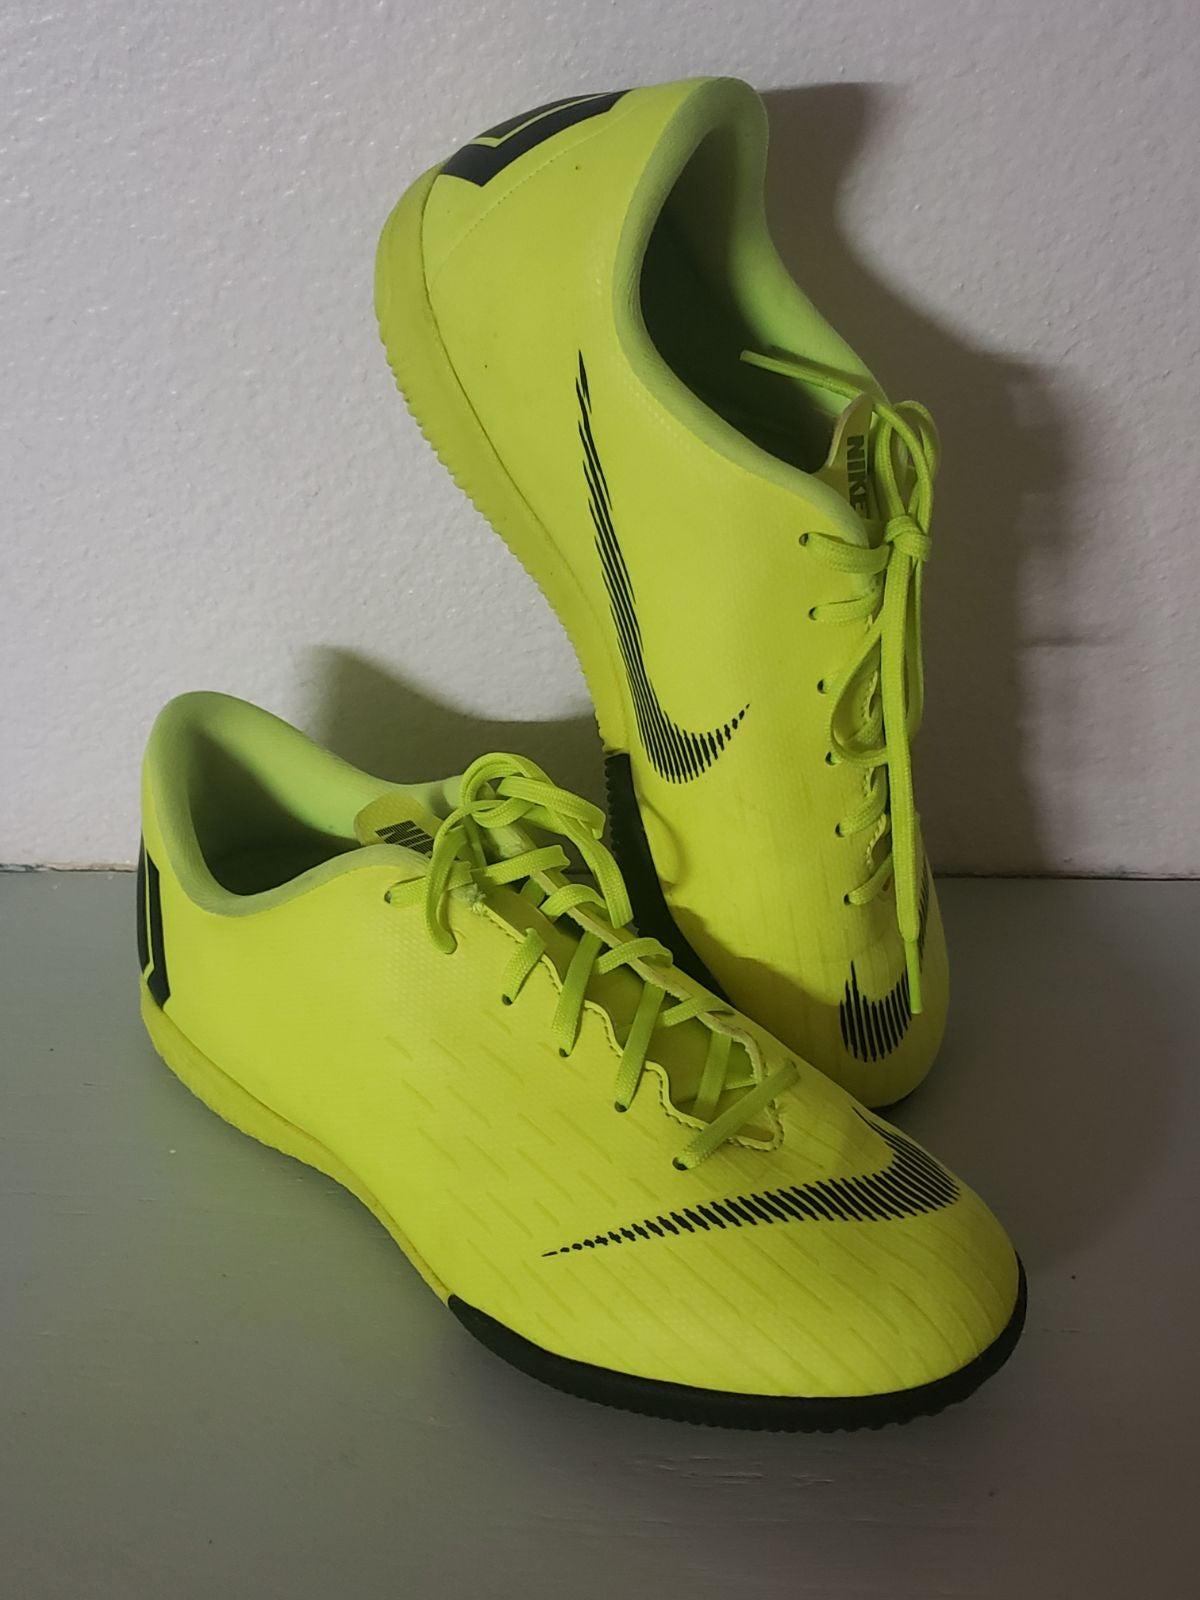 Nike indoor soccer shoe